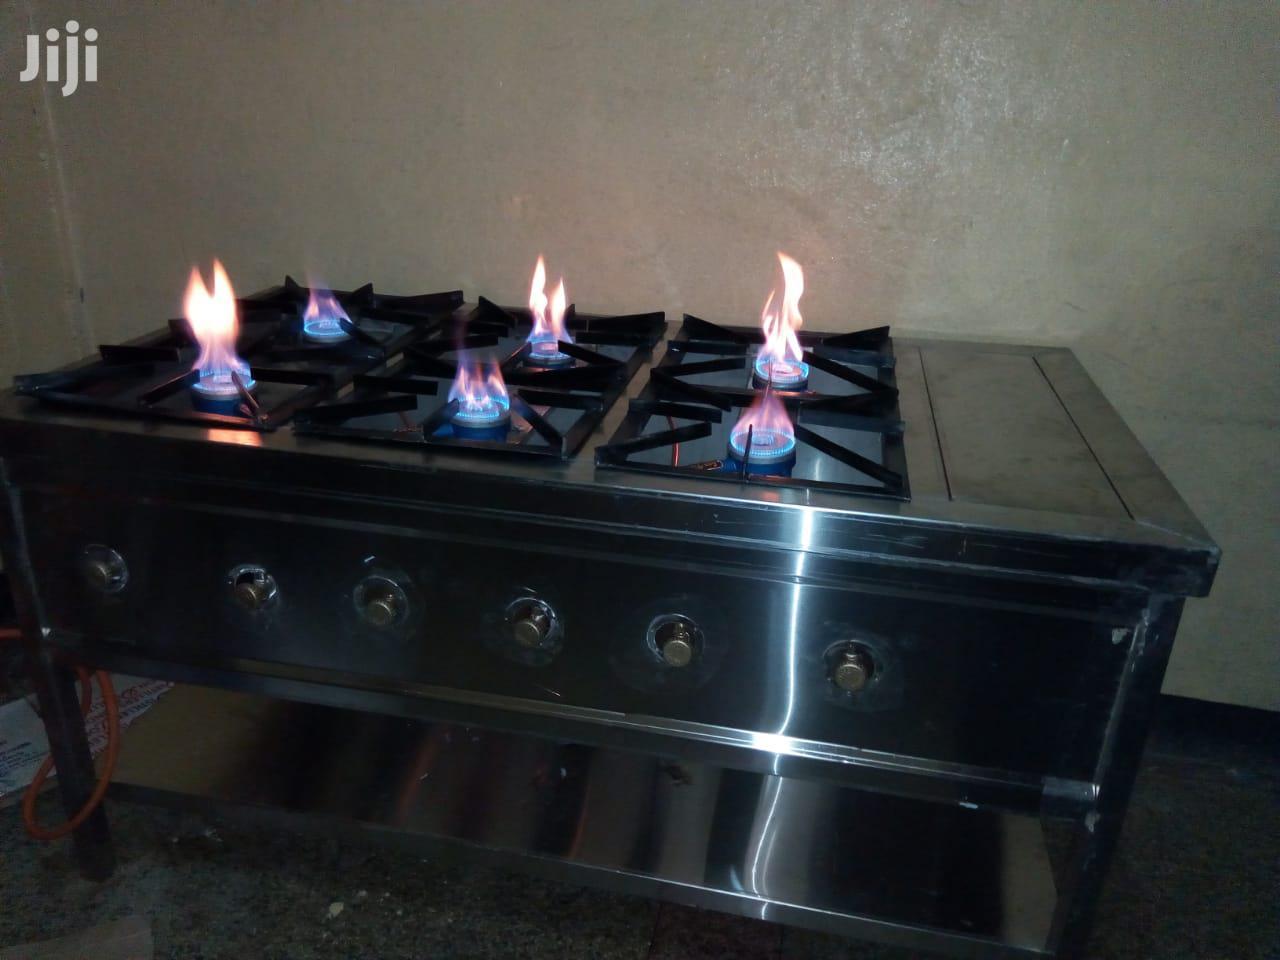 Commercial Burner | Restaurant & Catering Equipment for sale in Nairobi Central, Nairobi, Kenya